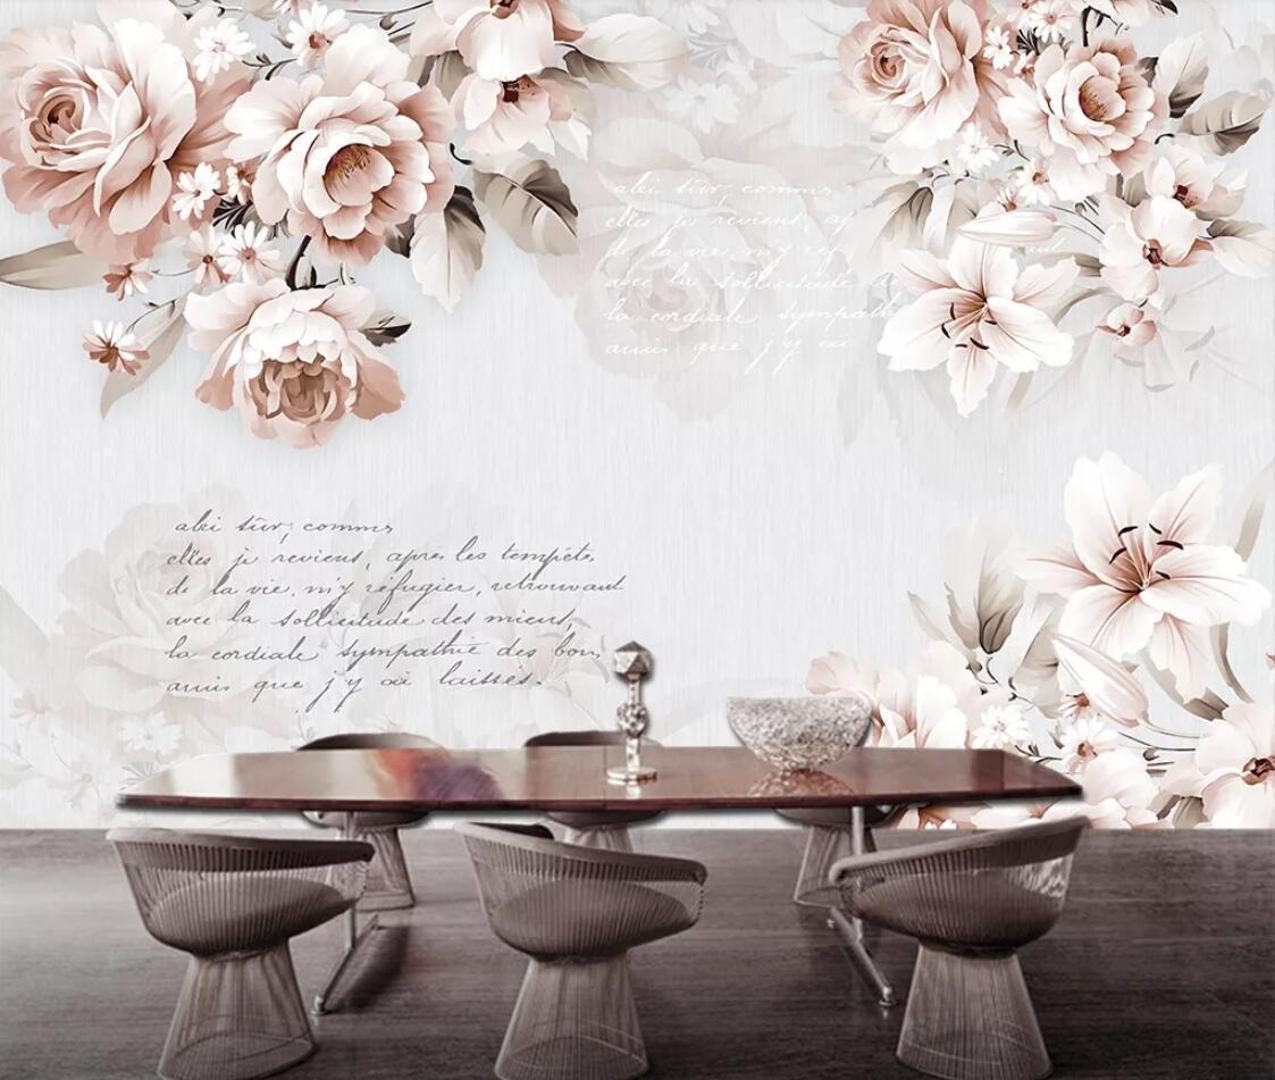 خمر زنبق روز زهرة خلفيات 3d جداريات جدار ديكور المنزل قماش طباعة الفن ورقة الزهور ورقة الاتصال مخصص